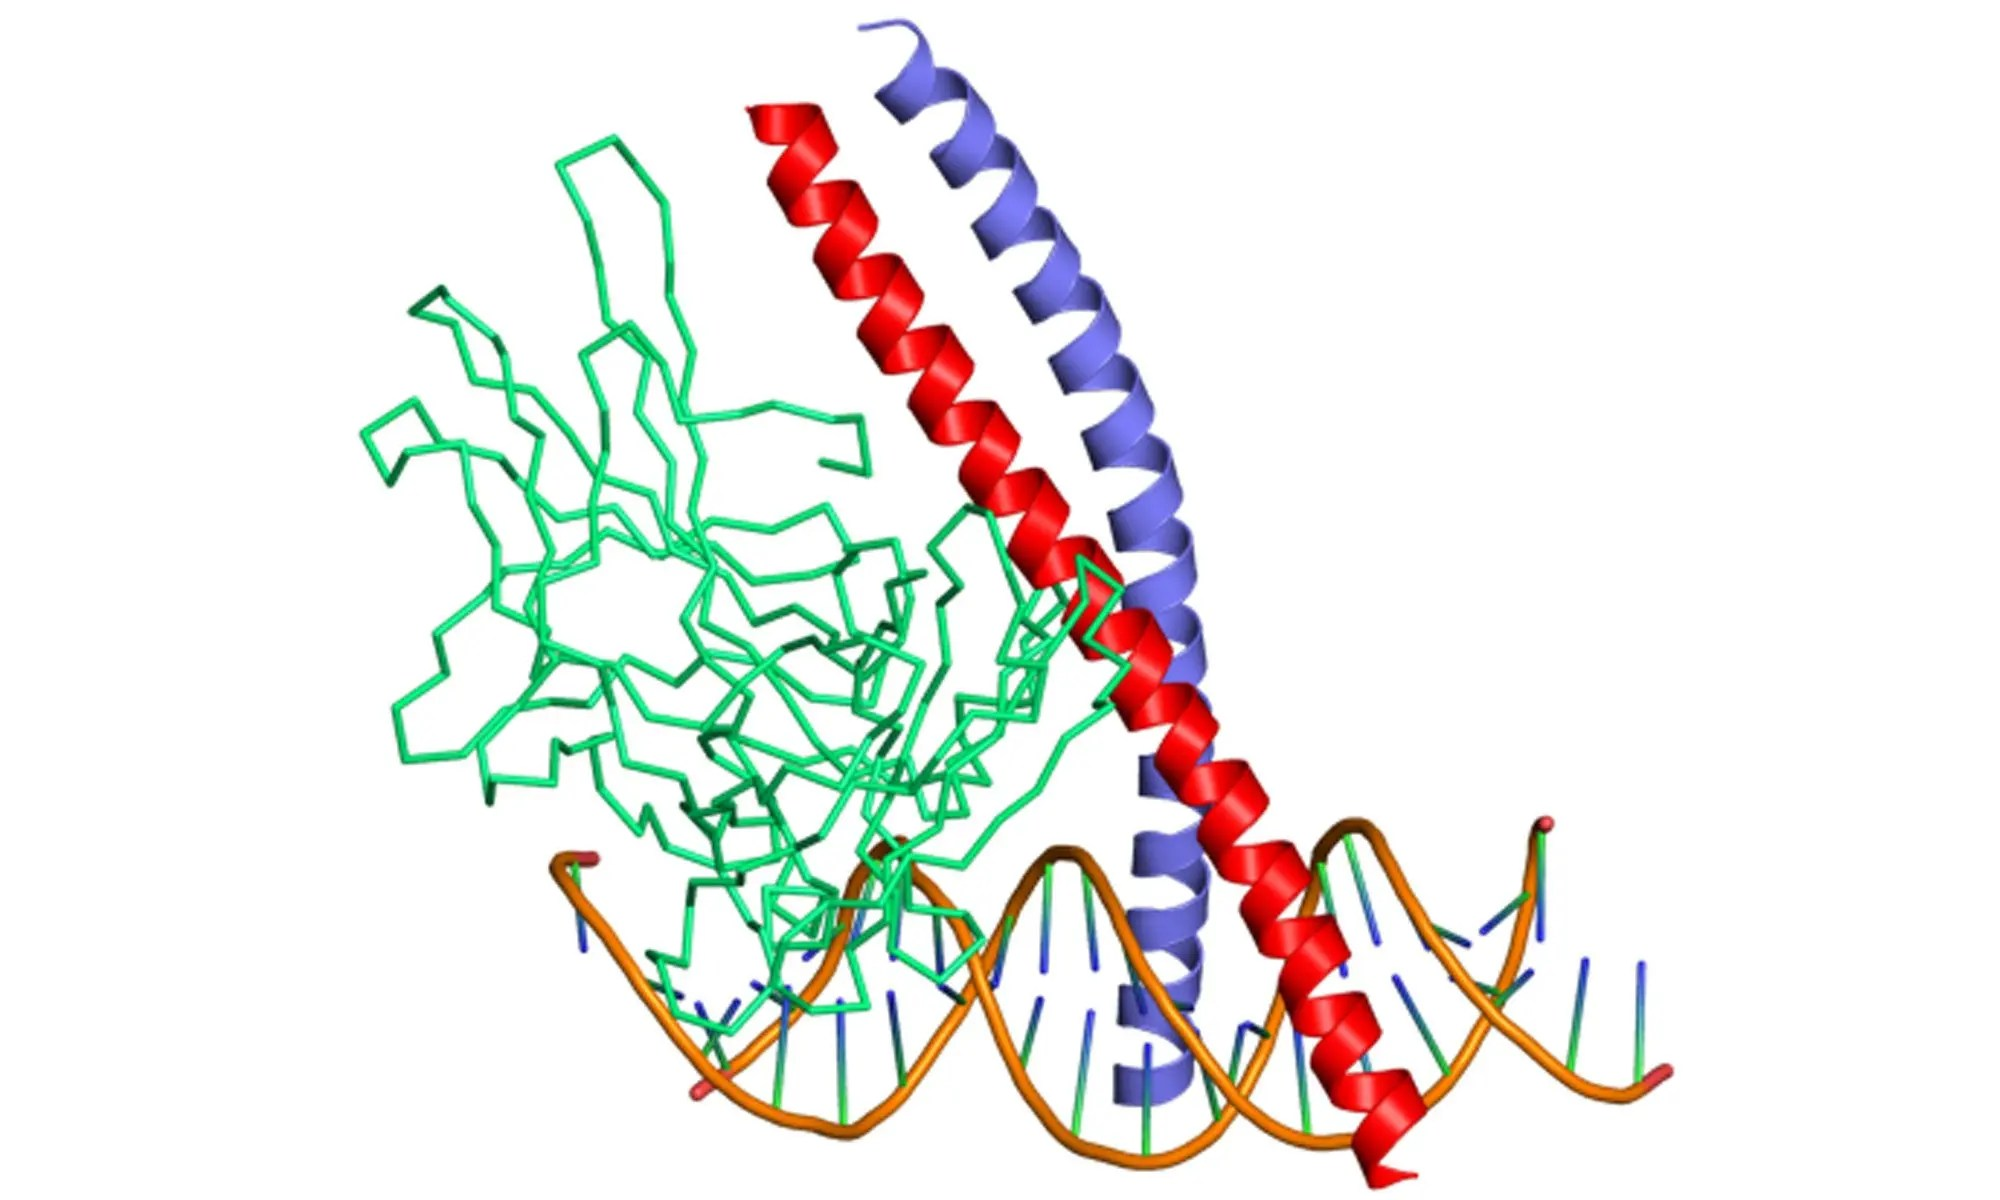 image of c-fos c-jun protooncogenes